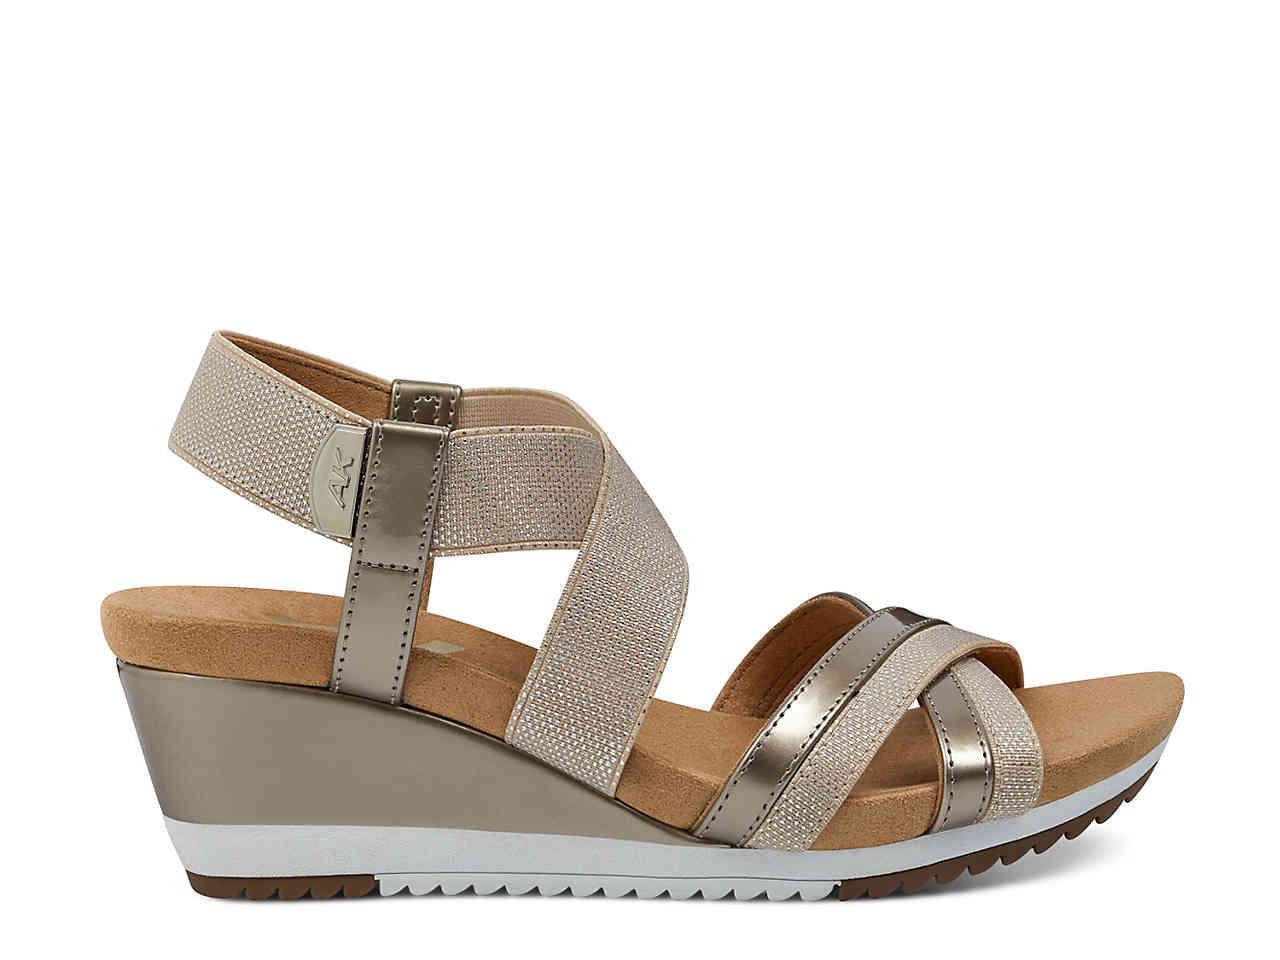 50e2f39db9e Lyst anne klein sport siesta wedge sandal jpg 1280x960 Anne klein sport  sandals